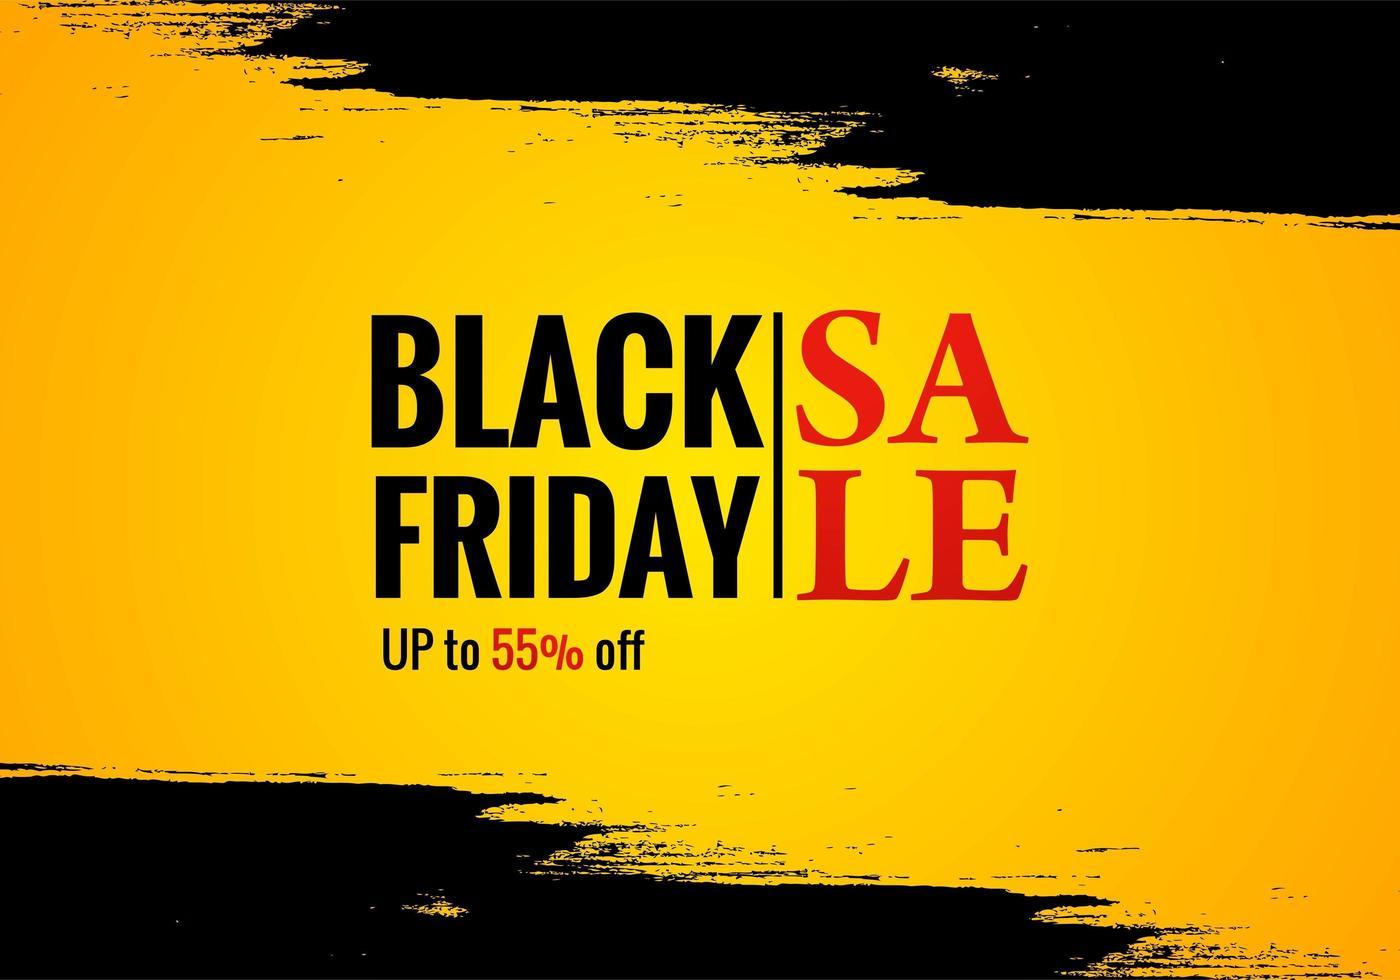 schwarzer Freitag-Verkaufsplakat für Grunge-Hintergrund vektor